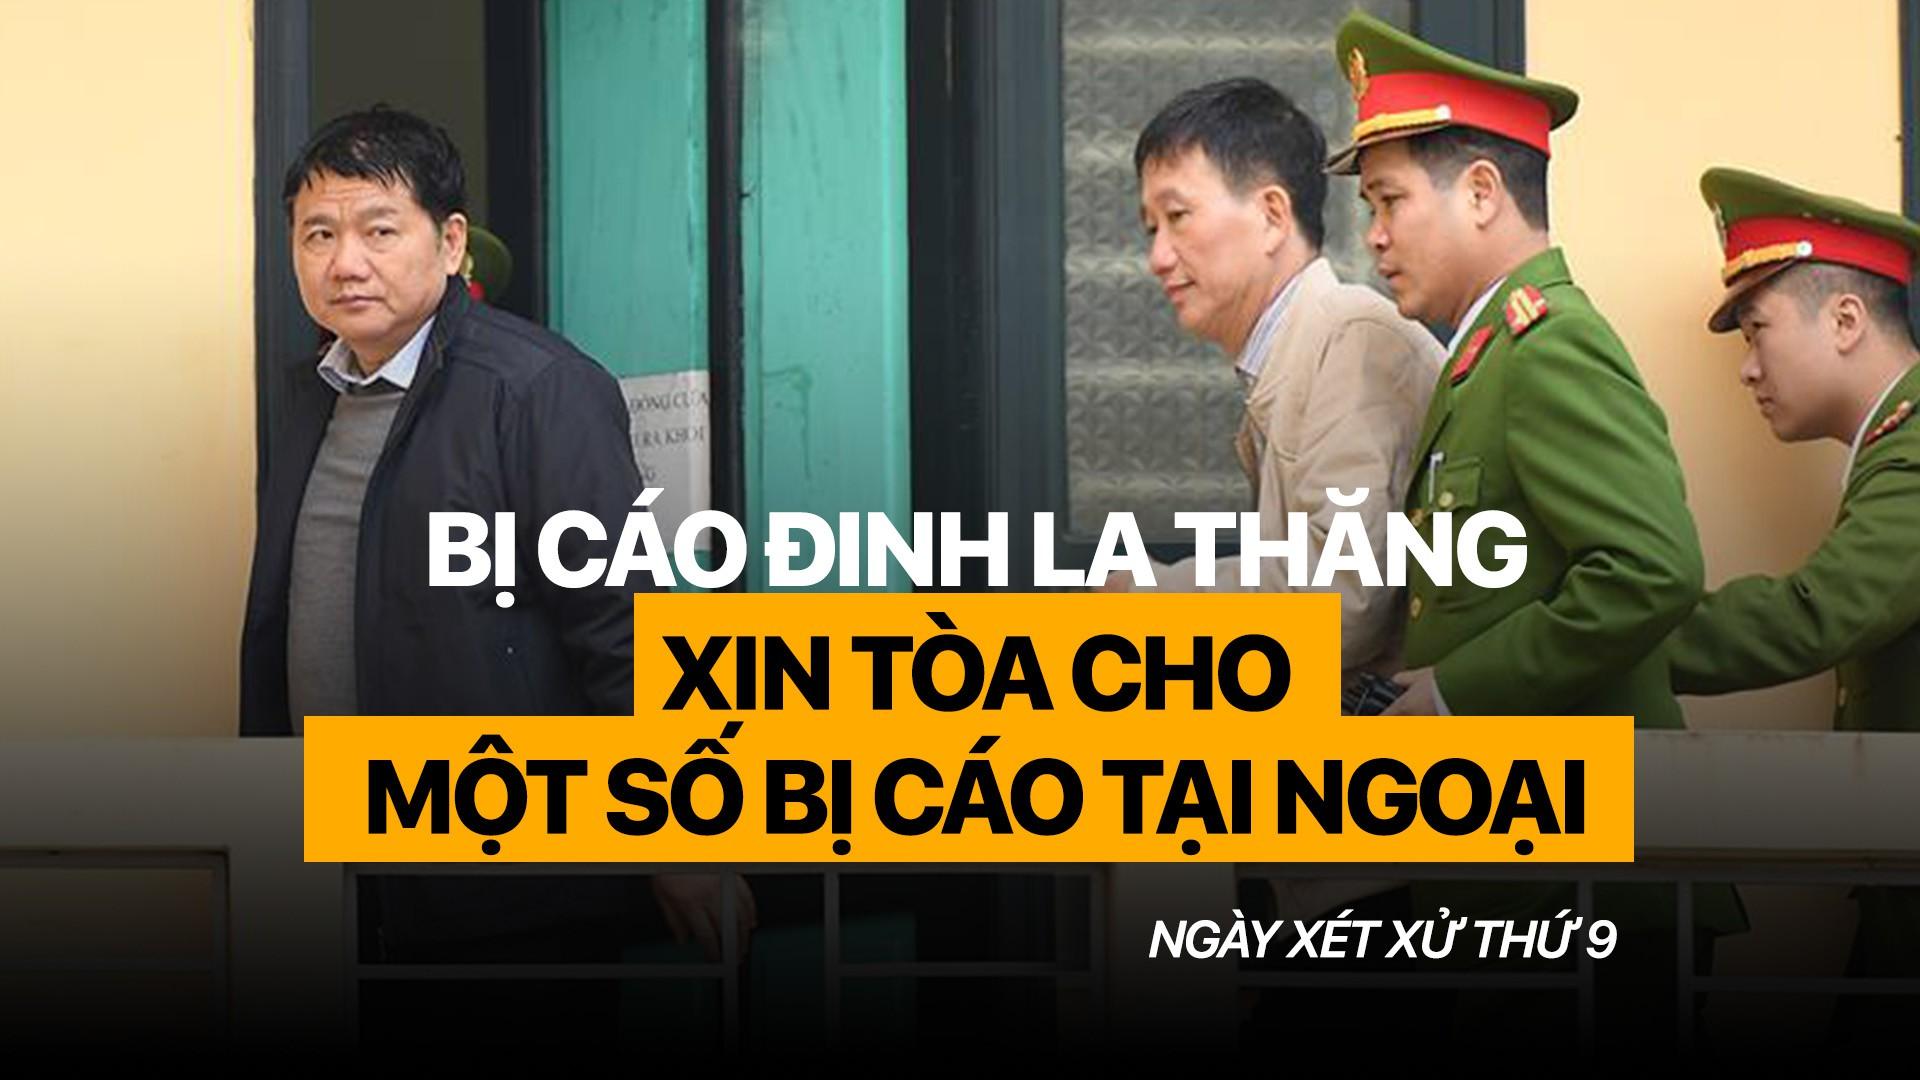 Bị cáo Đinh La Thăng  xin tòa cho một số bị cáo tại ngoại